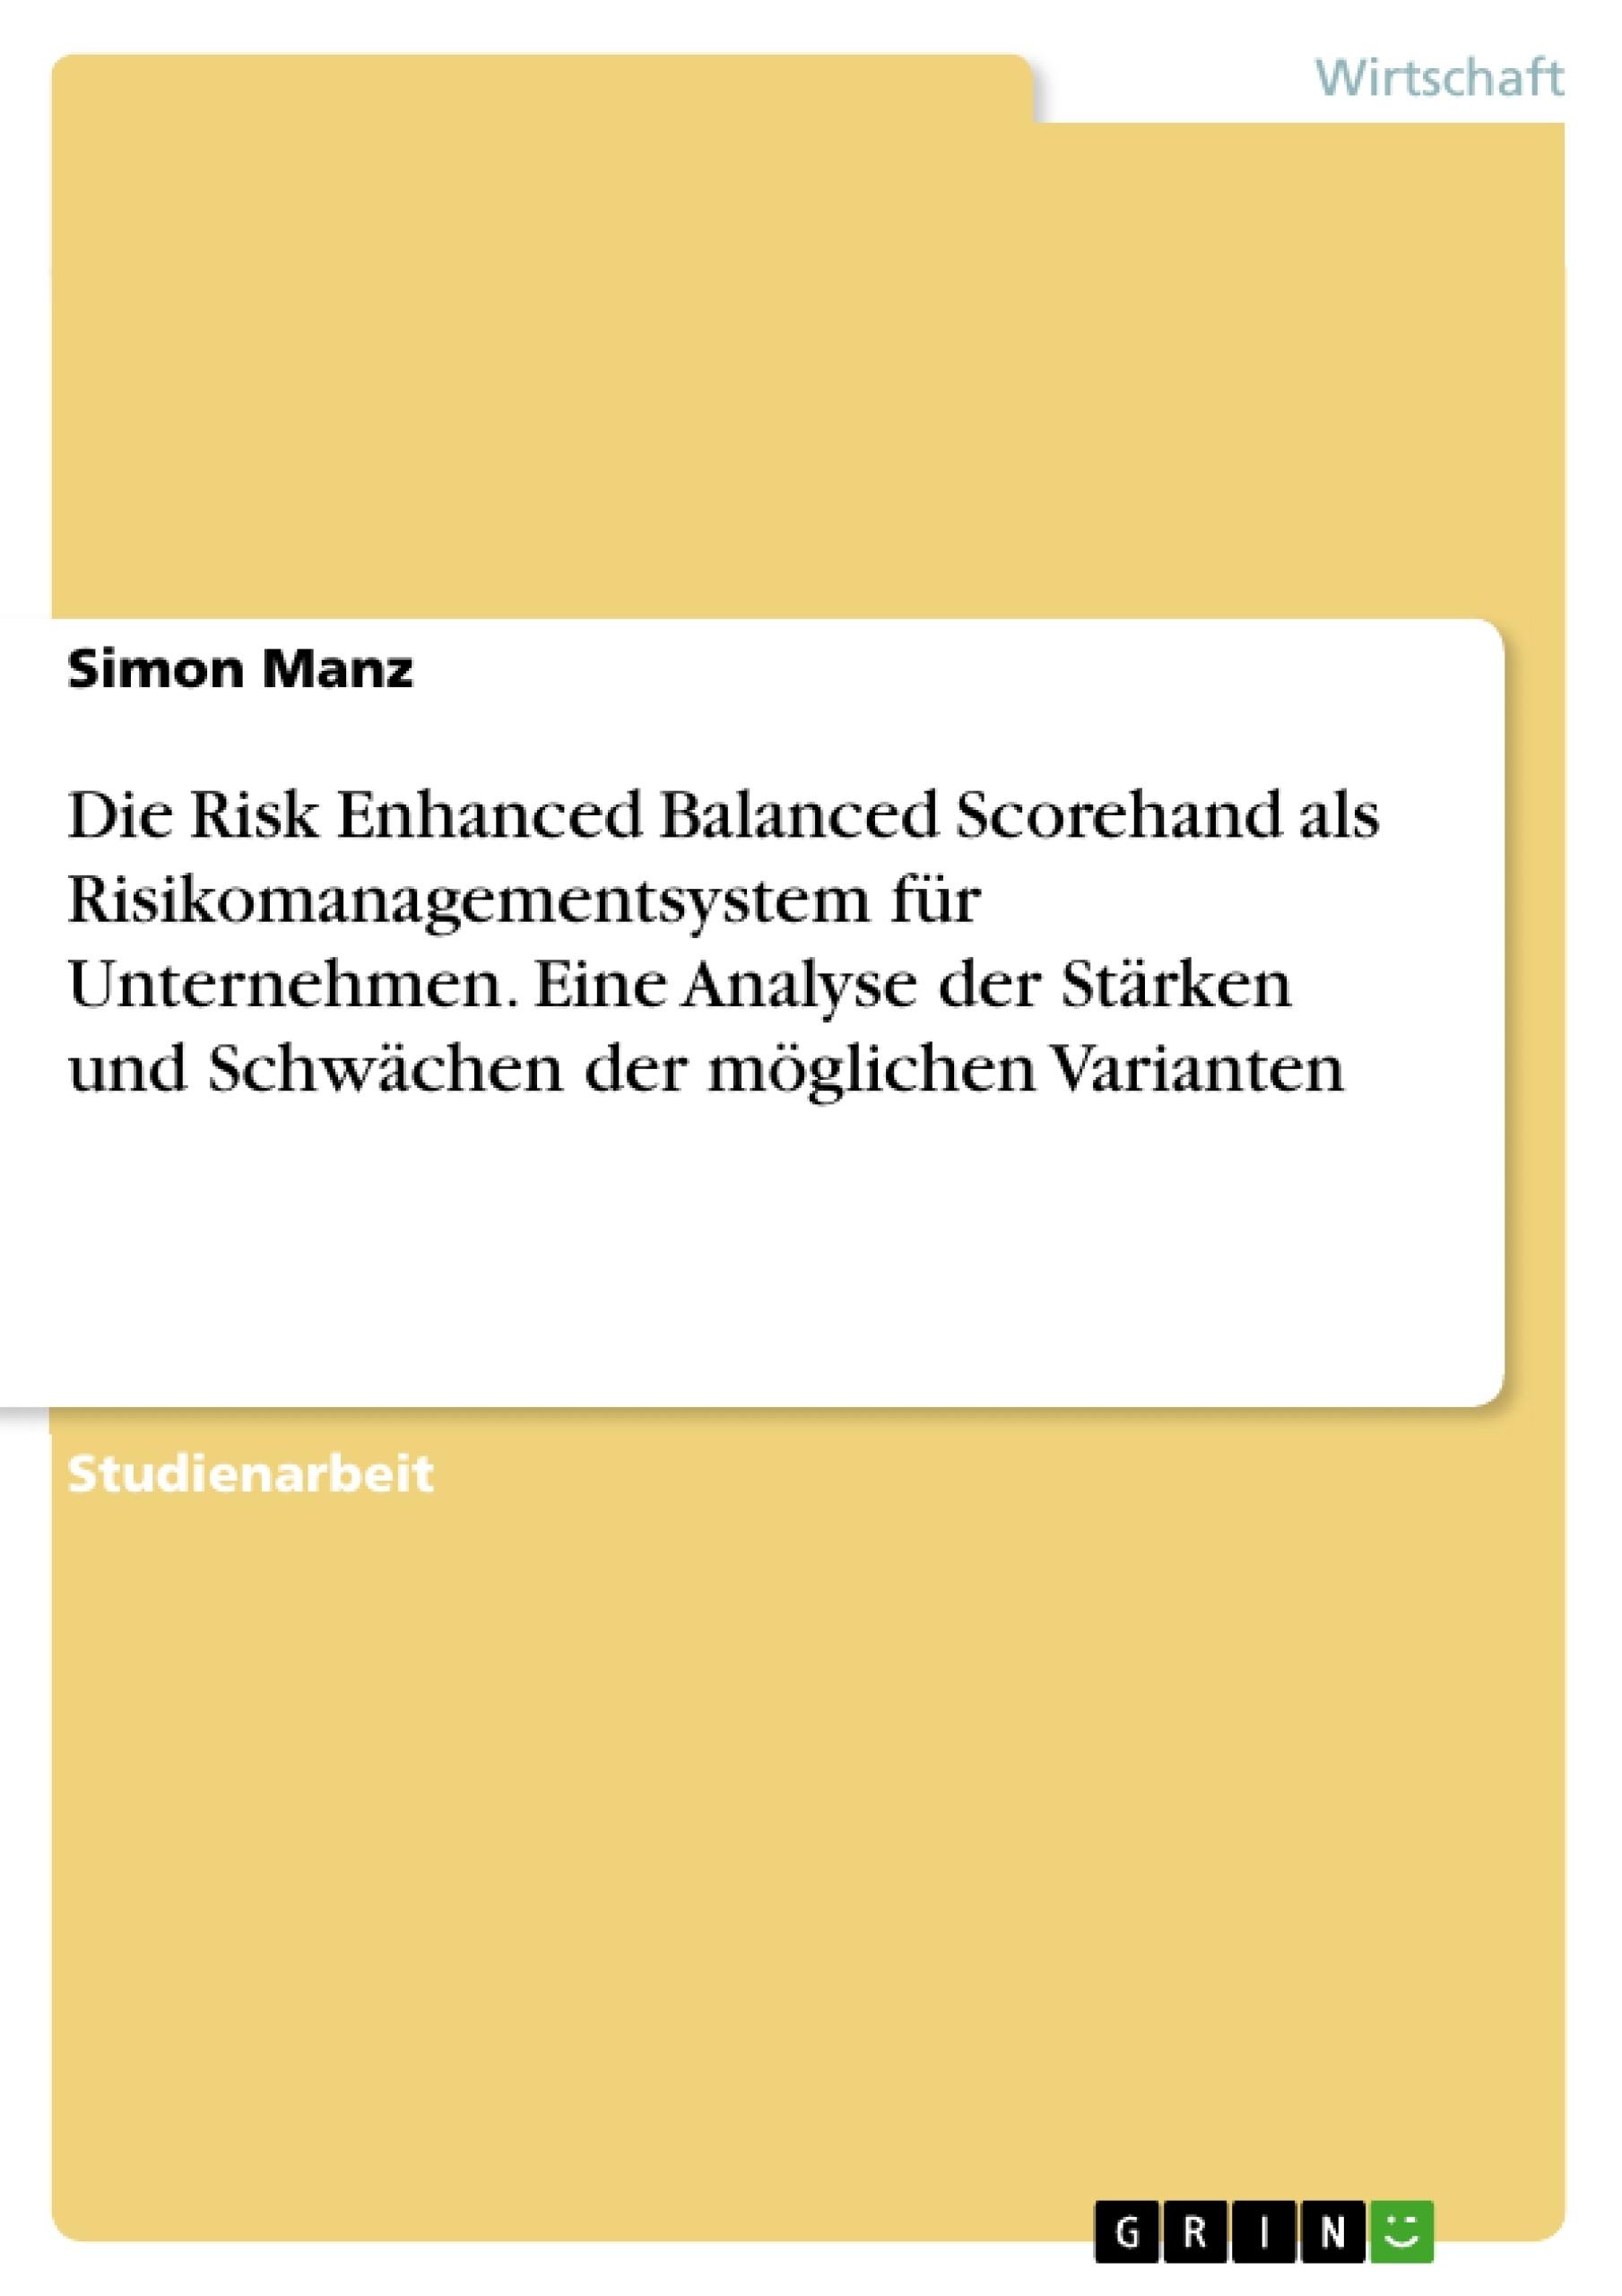 Titel: Die Risk Enhanced Balanced Scorehand als Risikomanagementsystem für Unternehmen. Eine Analyse der Stärken und Schwächen der möglichen Varianten